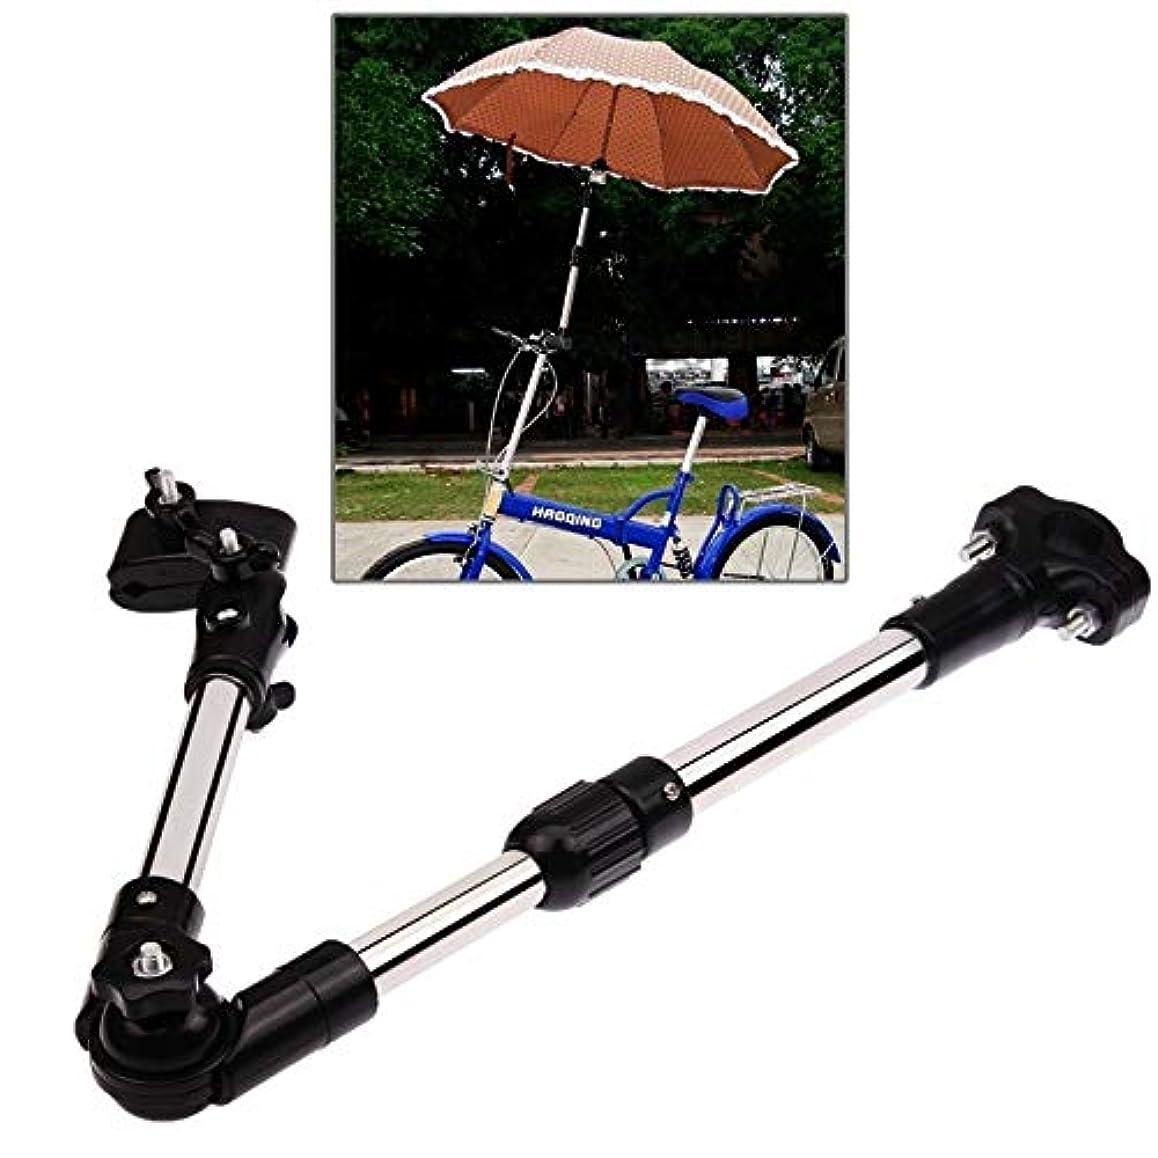 カビ残り物パラシュートユニバーサルバイクオートバイ折りたたみ式調整可能ステンレス鋼サイクリング傘ブラケットホルダー角度調整可能マウントスタンド,